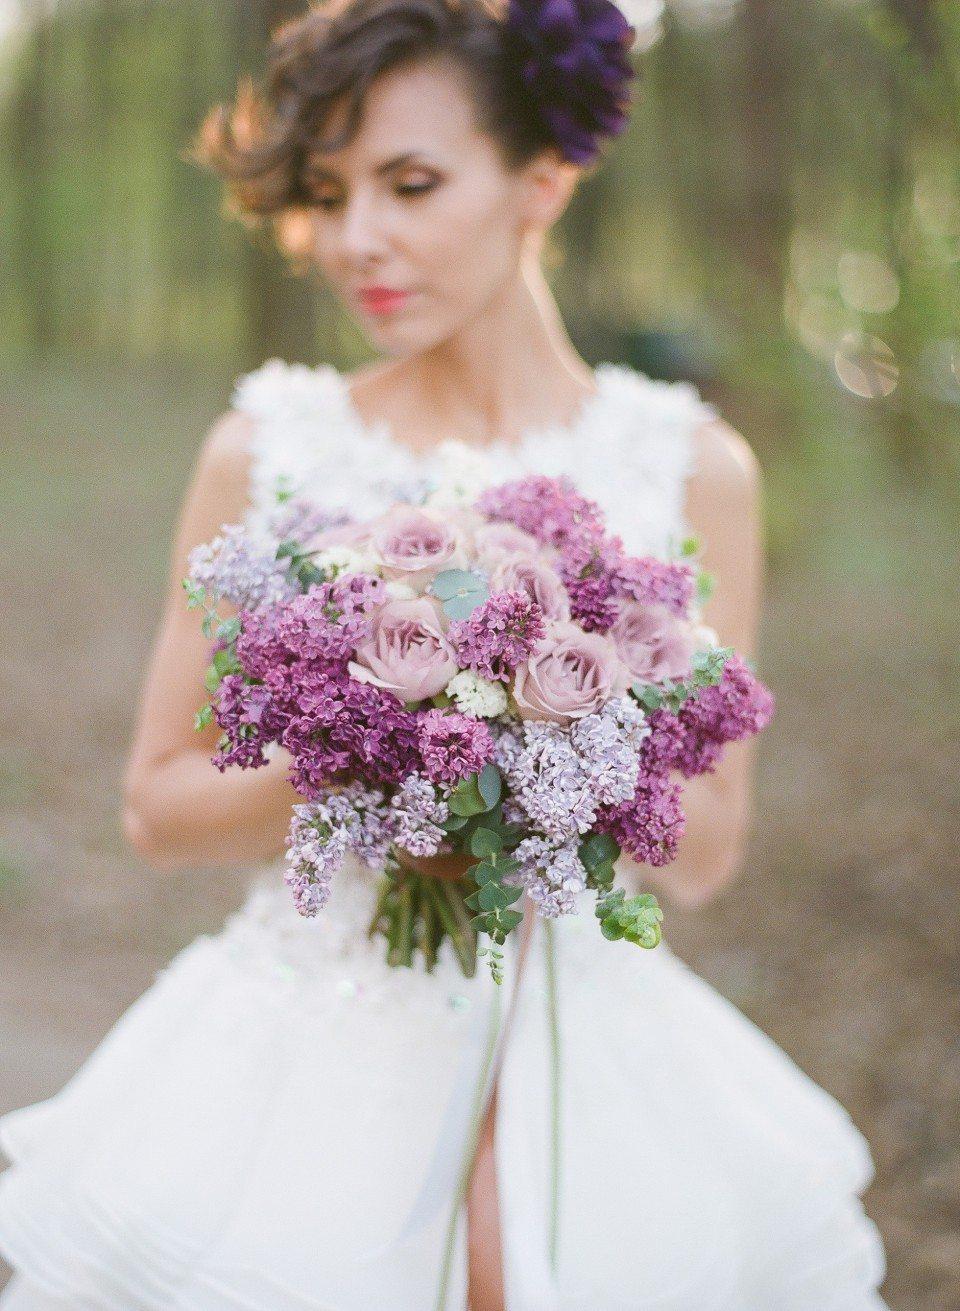 Нежность, витающая в воздухе: свадьба Ольги и Ивана